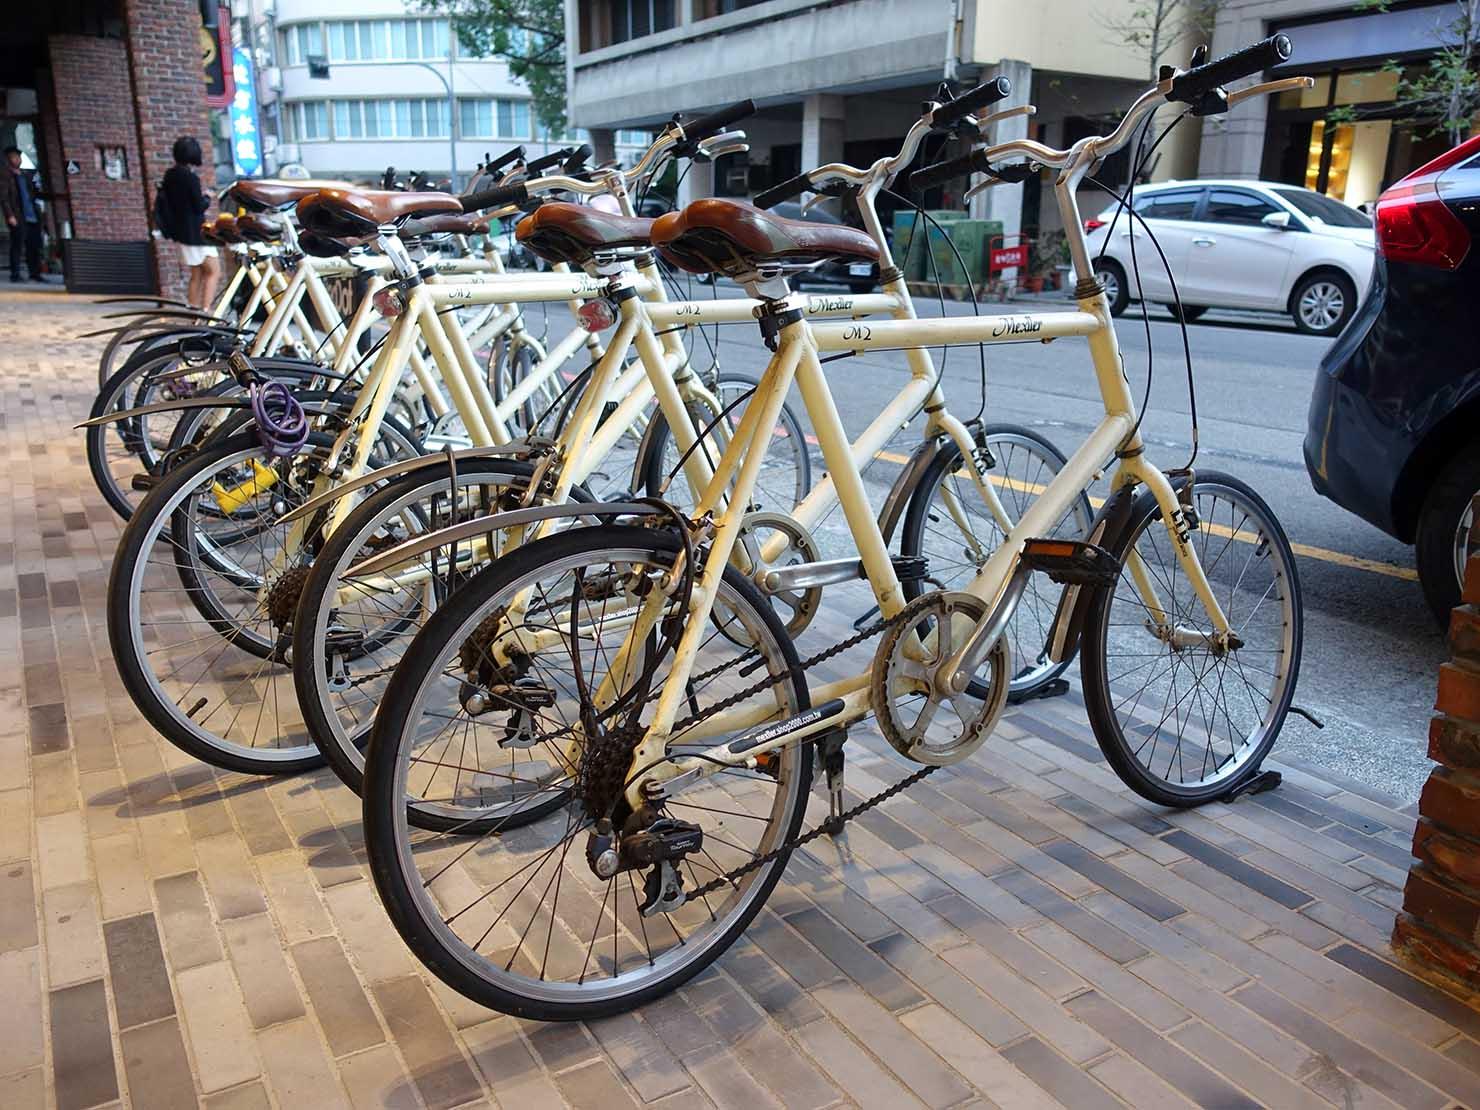 台中駅前のおすすめデザインホテル「紅點文旅 RedDot Hotel」のレンタサイクル